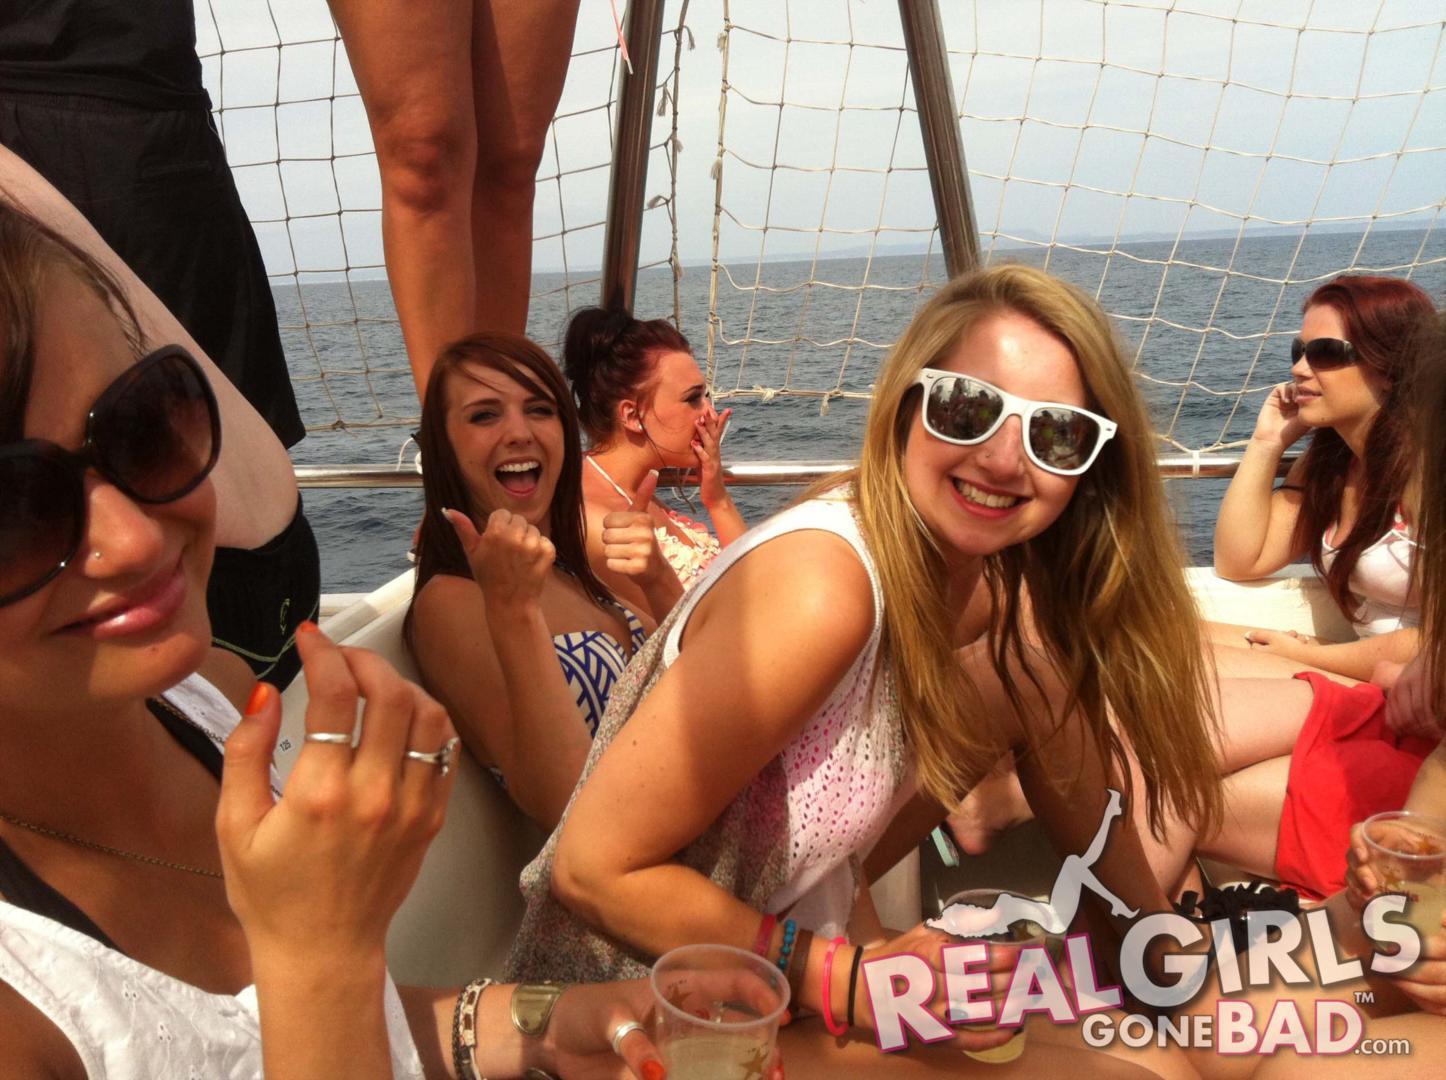 backyard-dirty-party-girls-hongarian